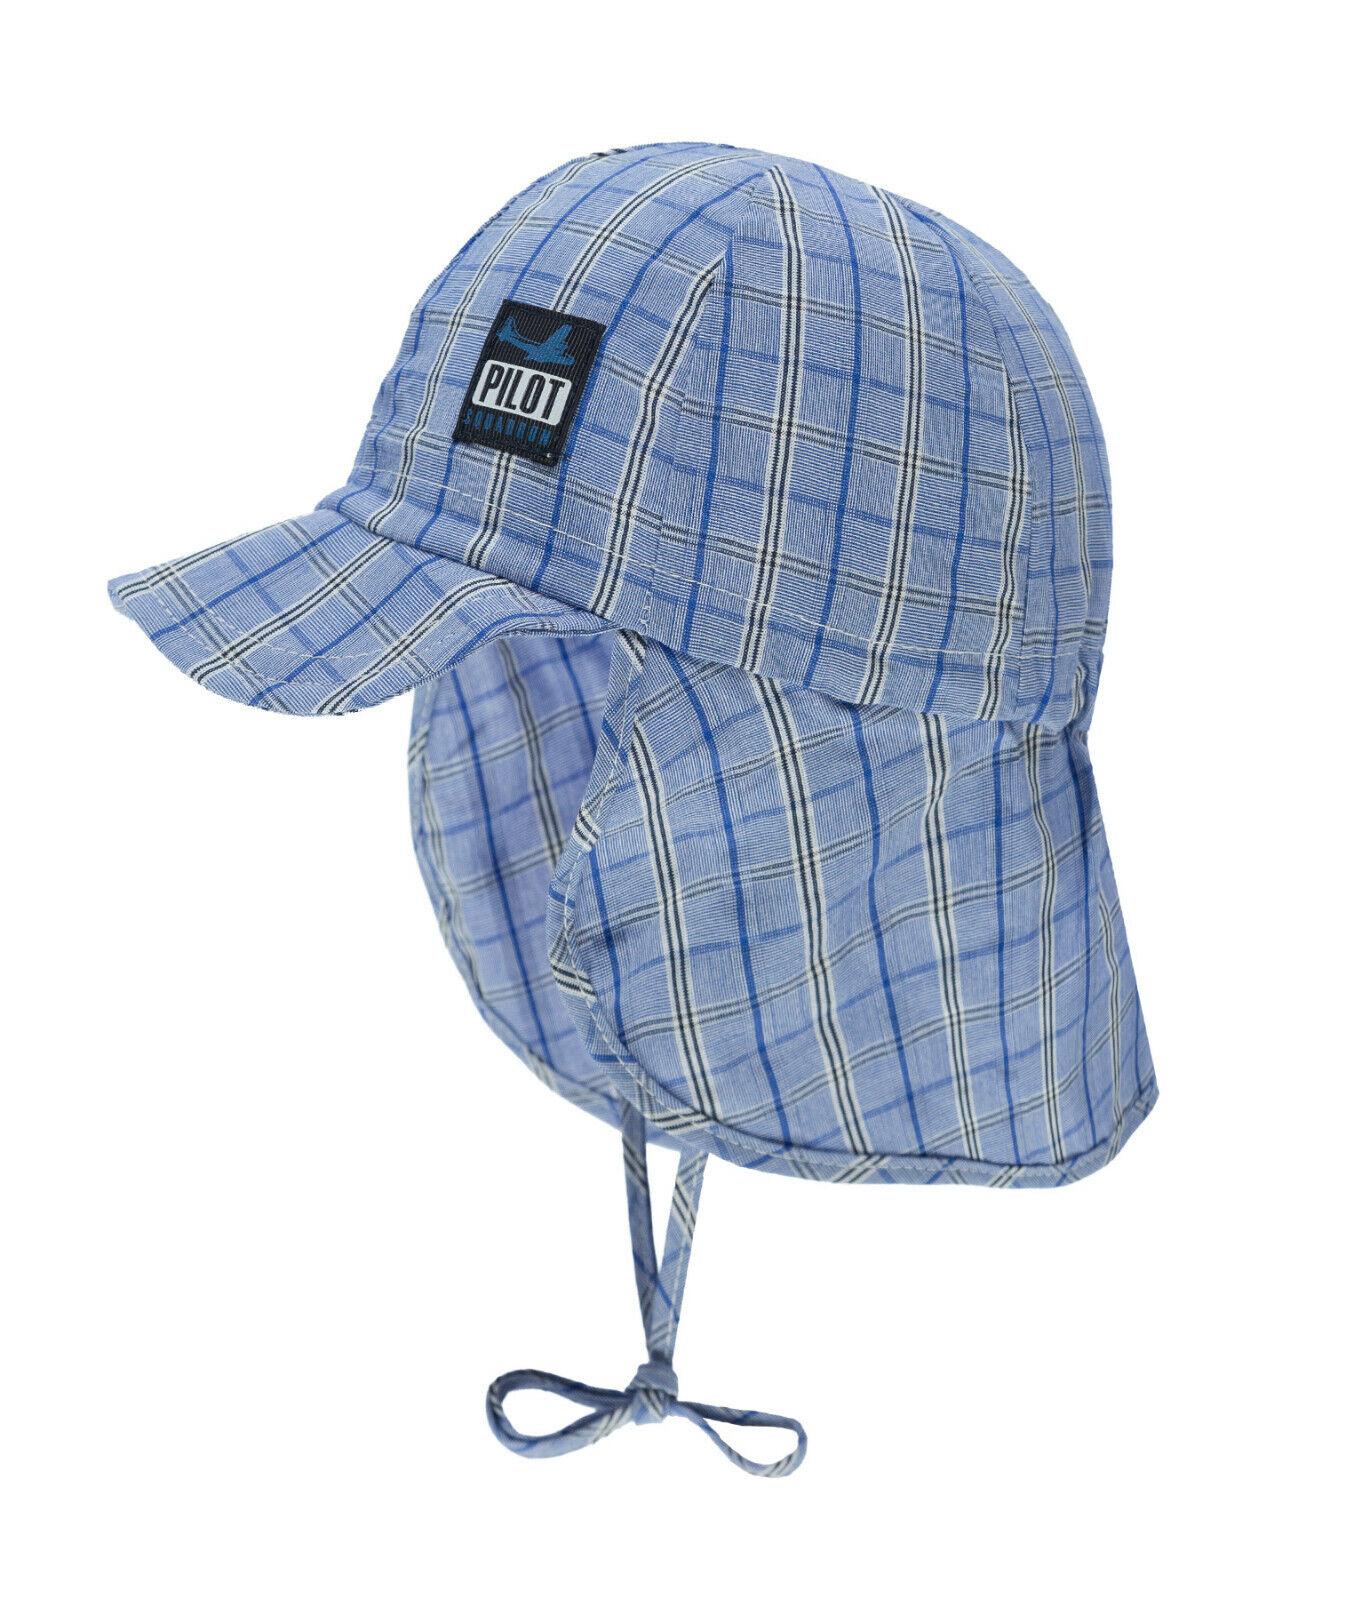 DÖLL® Jungen Sonnenhut Hut Nackenschutz Mütze Blau 47-57 S 2019 NEU!